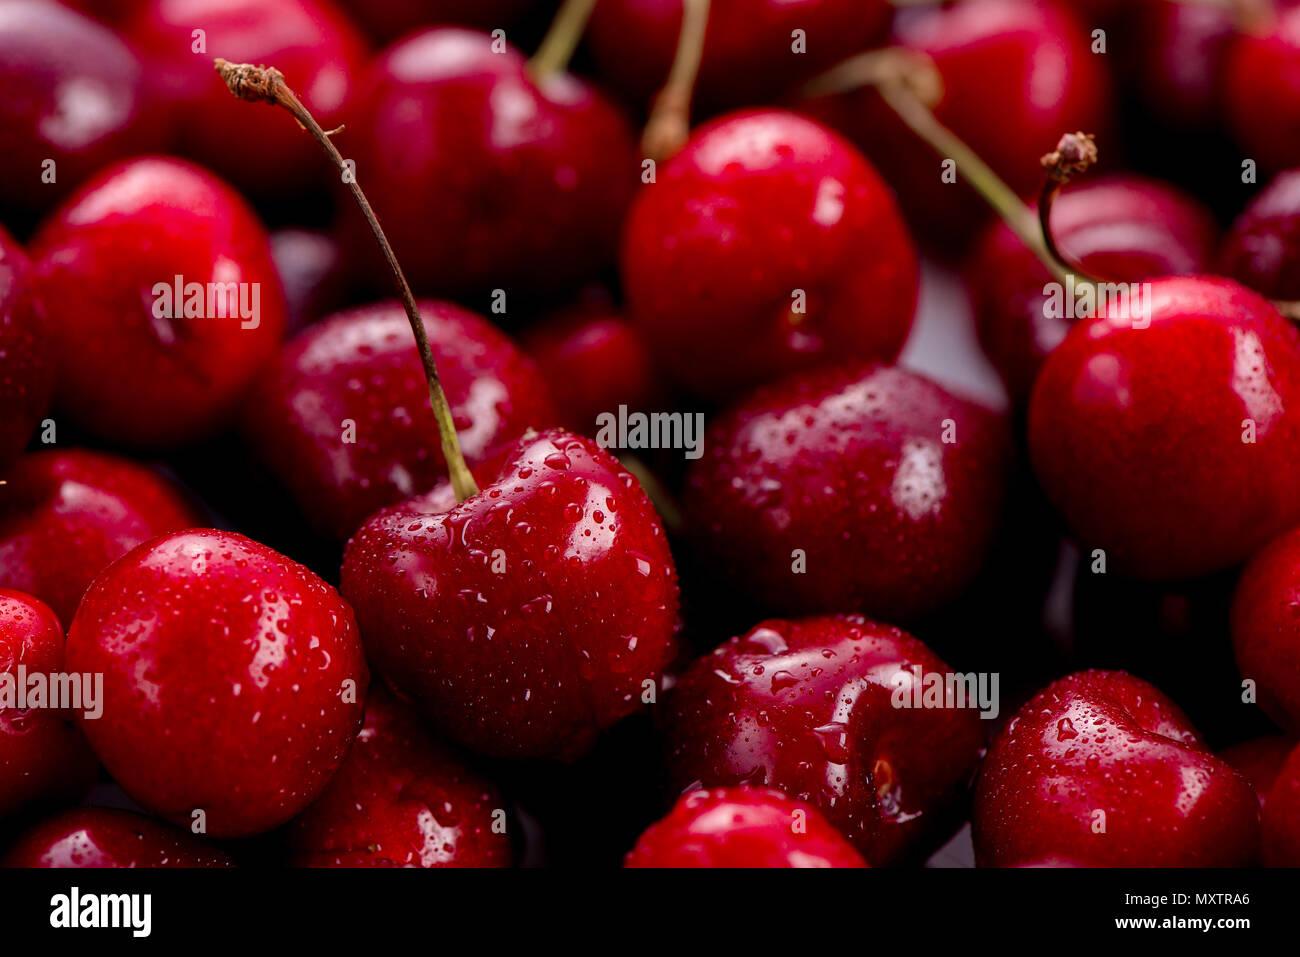 Kirschen mit Wassertropfen header. Makro Beeren shot mit Kopie Raum Stockbild